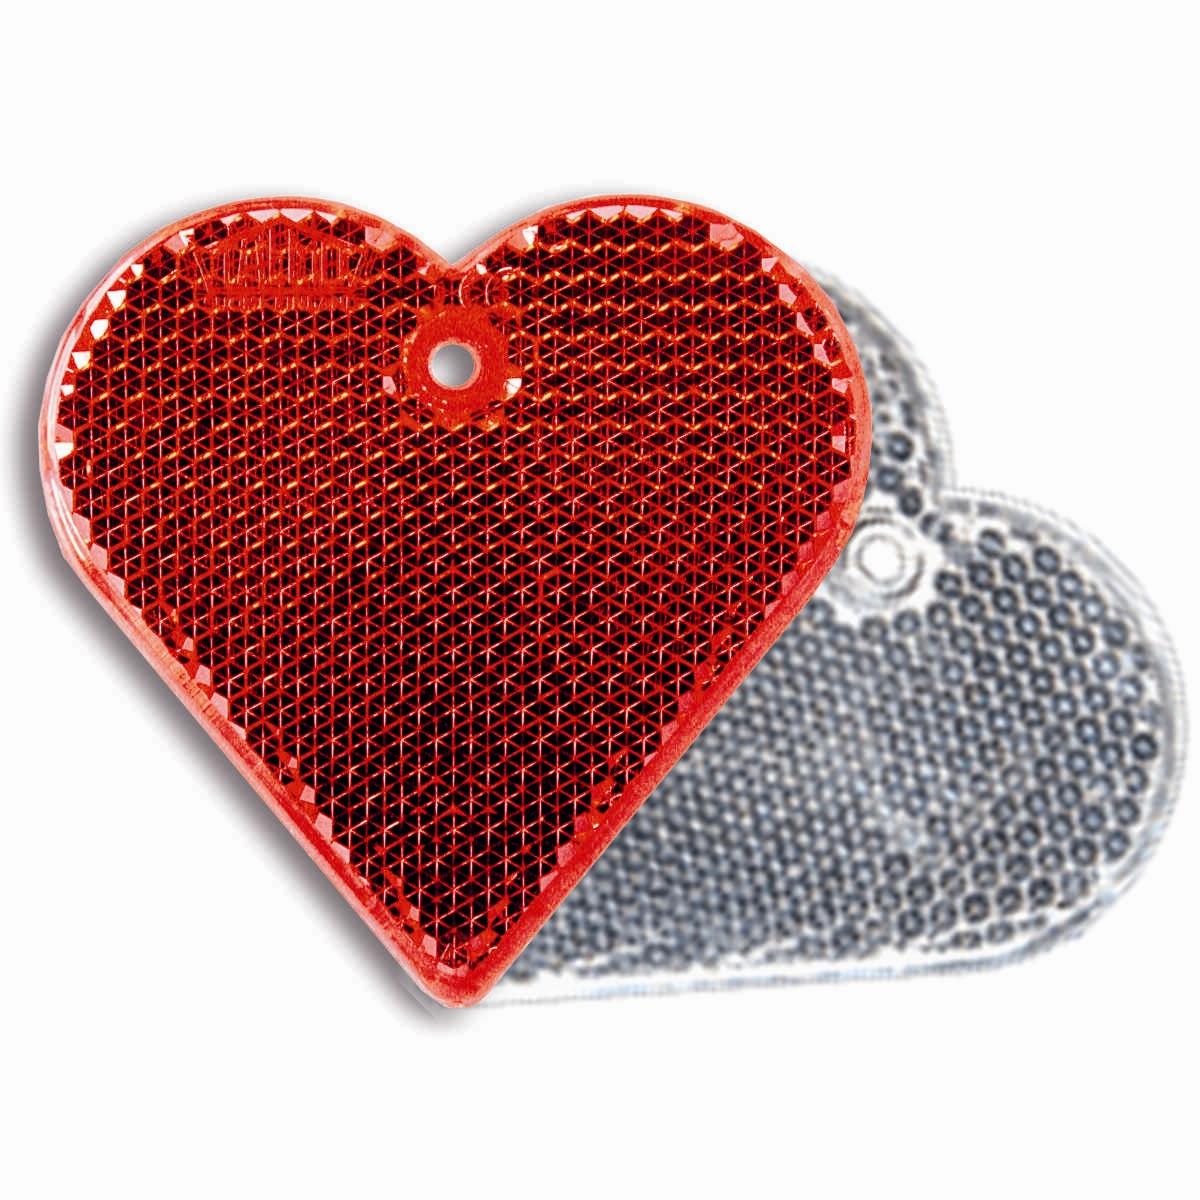 Светоотражатель пешеходный Coreflect Сердце, цвет: красный, белый21395599Пешеходный светоотражатель — это серьезное средство безопасности на дороге. Использование светоотражателей позволяет в десятки раз сократить количество ДТП с участием пешеходов в темное время суток. Светоотражатель крепится на одежду и обладает способностью к направленному отражению светового потока. Благодаря такому отражению, водитель может вовремя заметить пешехода в темноте, даже если он стоит или двигается по обочине. А значит, он успеет среагировать и избежит возможного столкновения. С 1 июля 2015 года ношение светоотражателей вне населенных пунктов является обязательным для пешеходов! Мы рекомендуем носить их и в городе! Для безопасности и сохранения жизни!